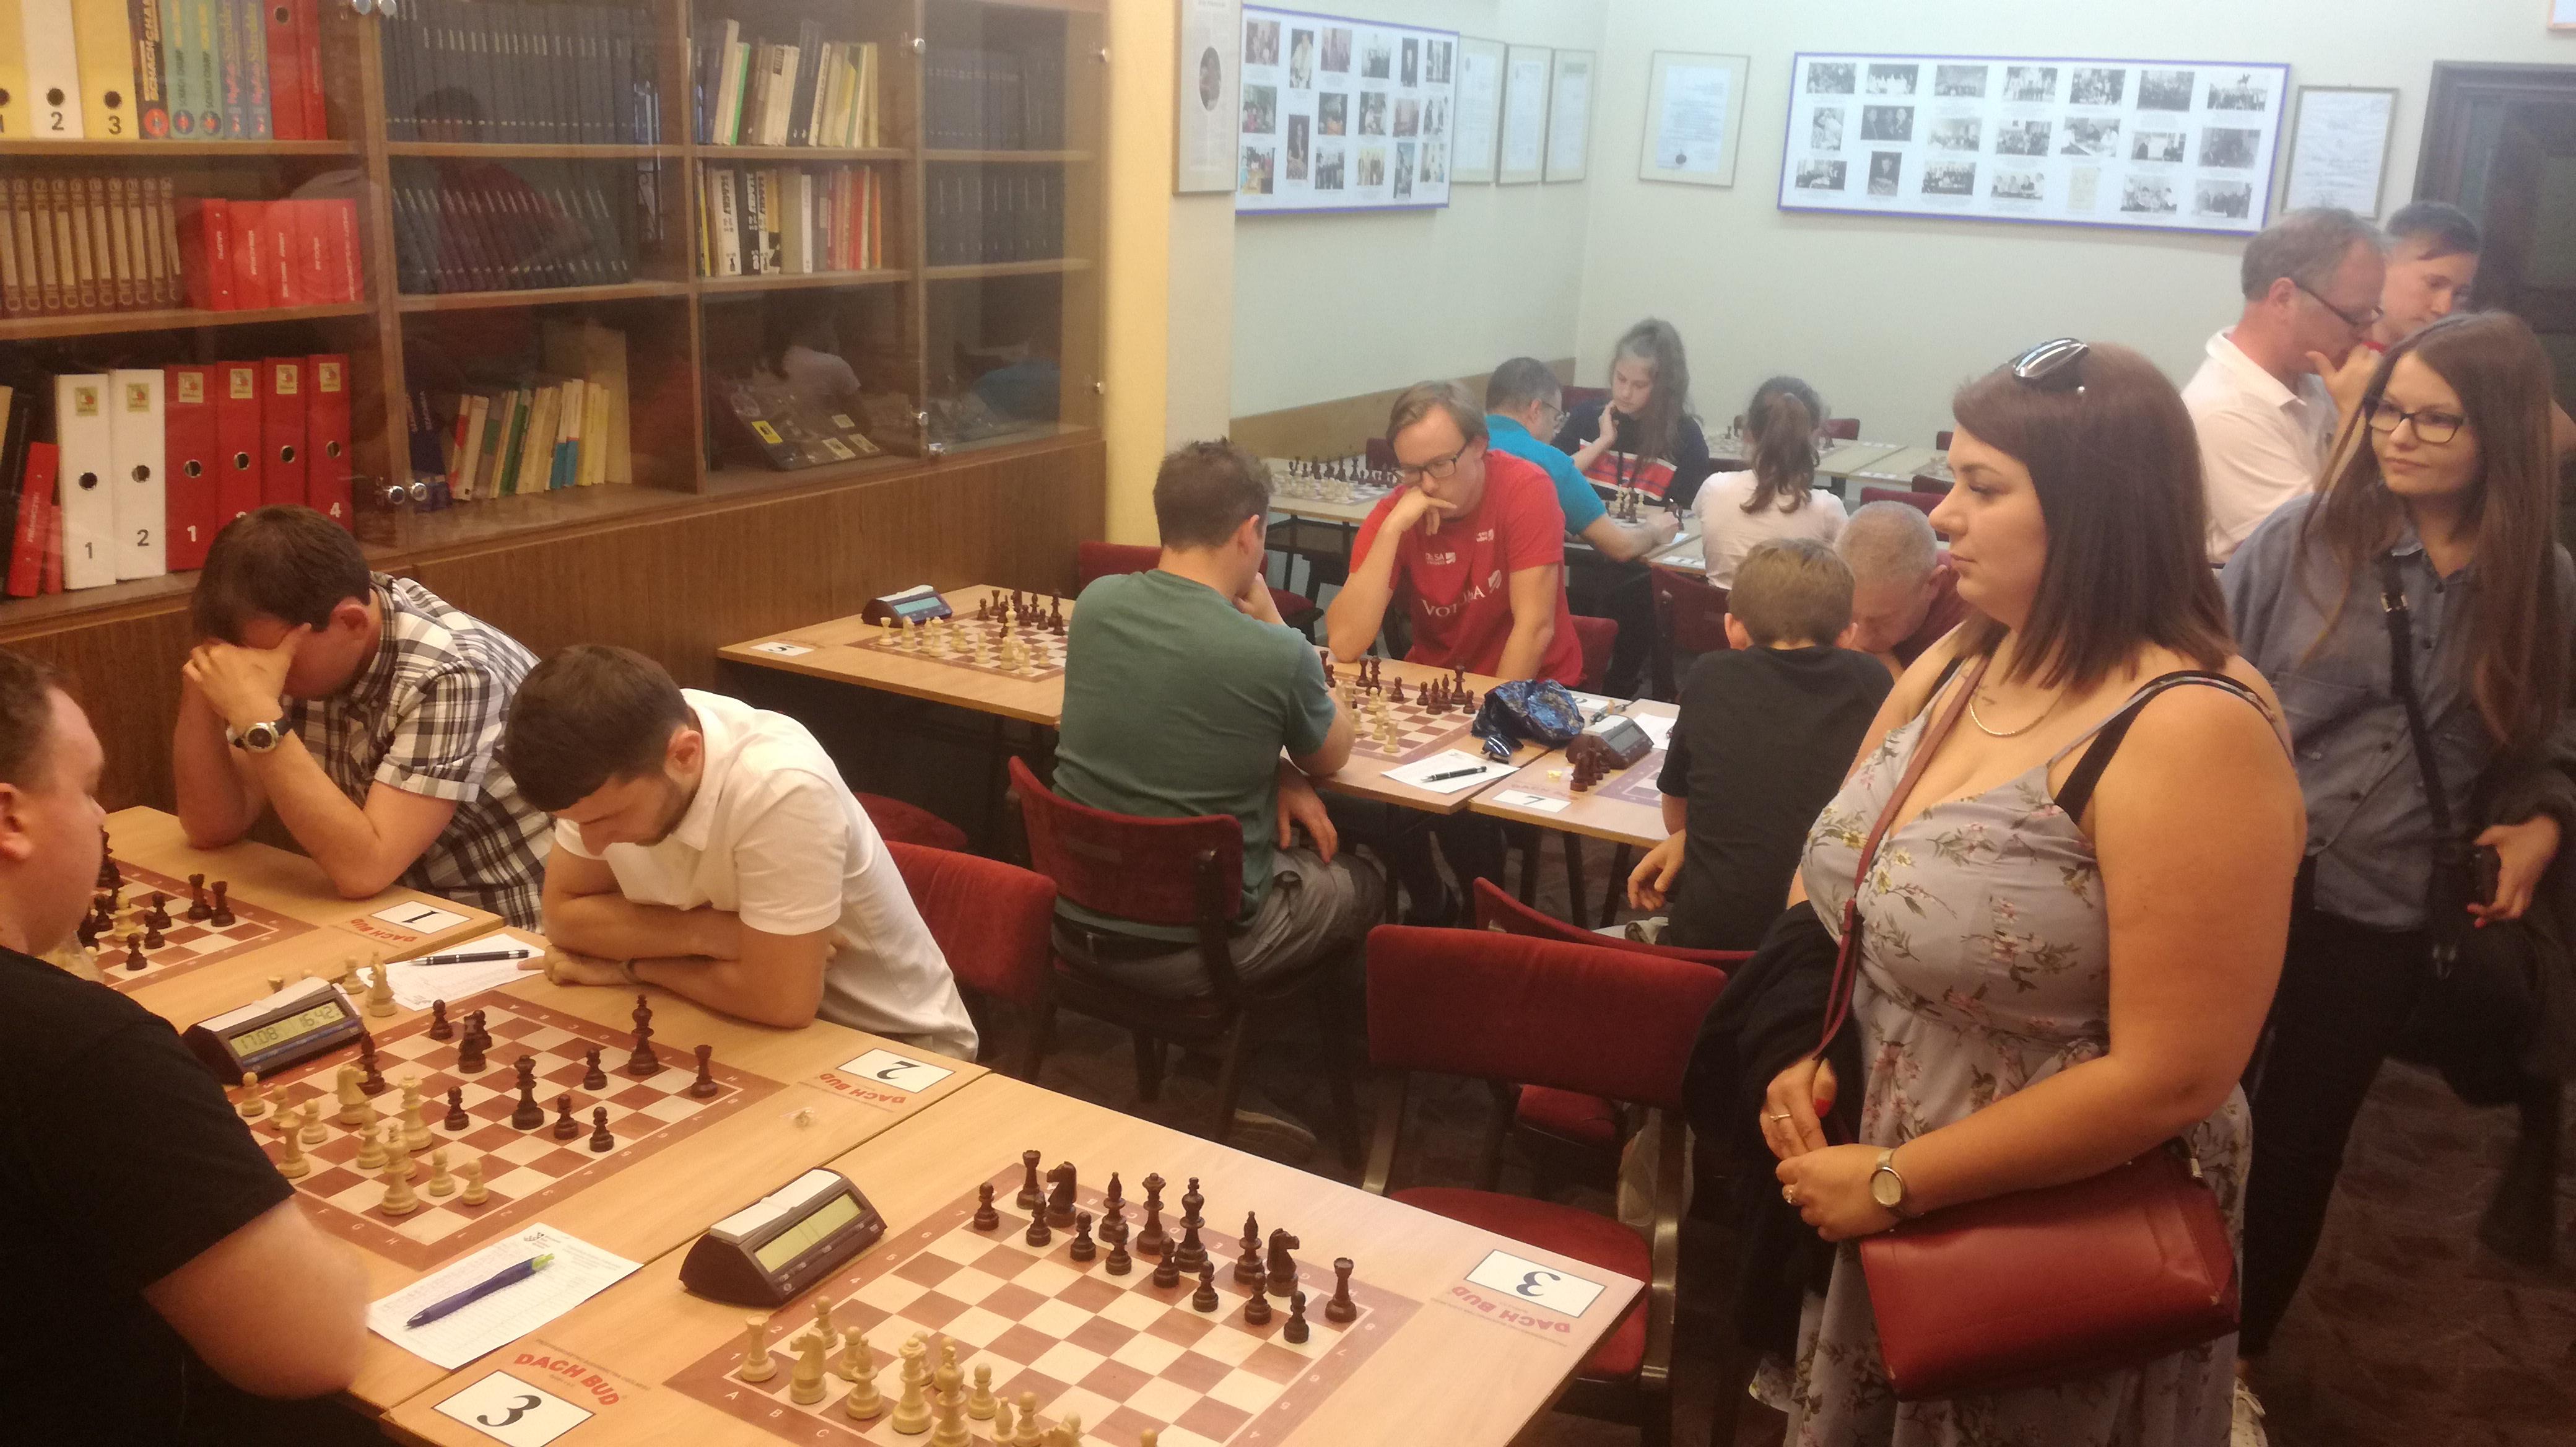 Hammersmith Chess Club London vs Wroclaw